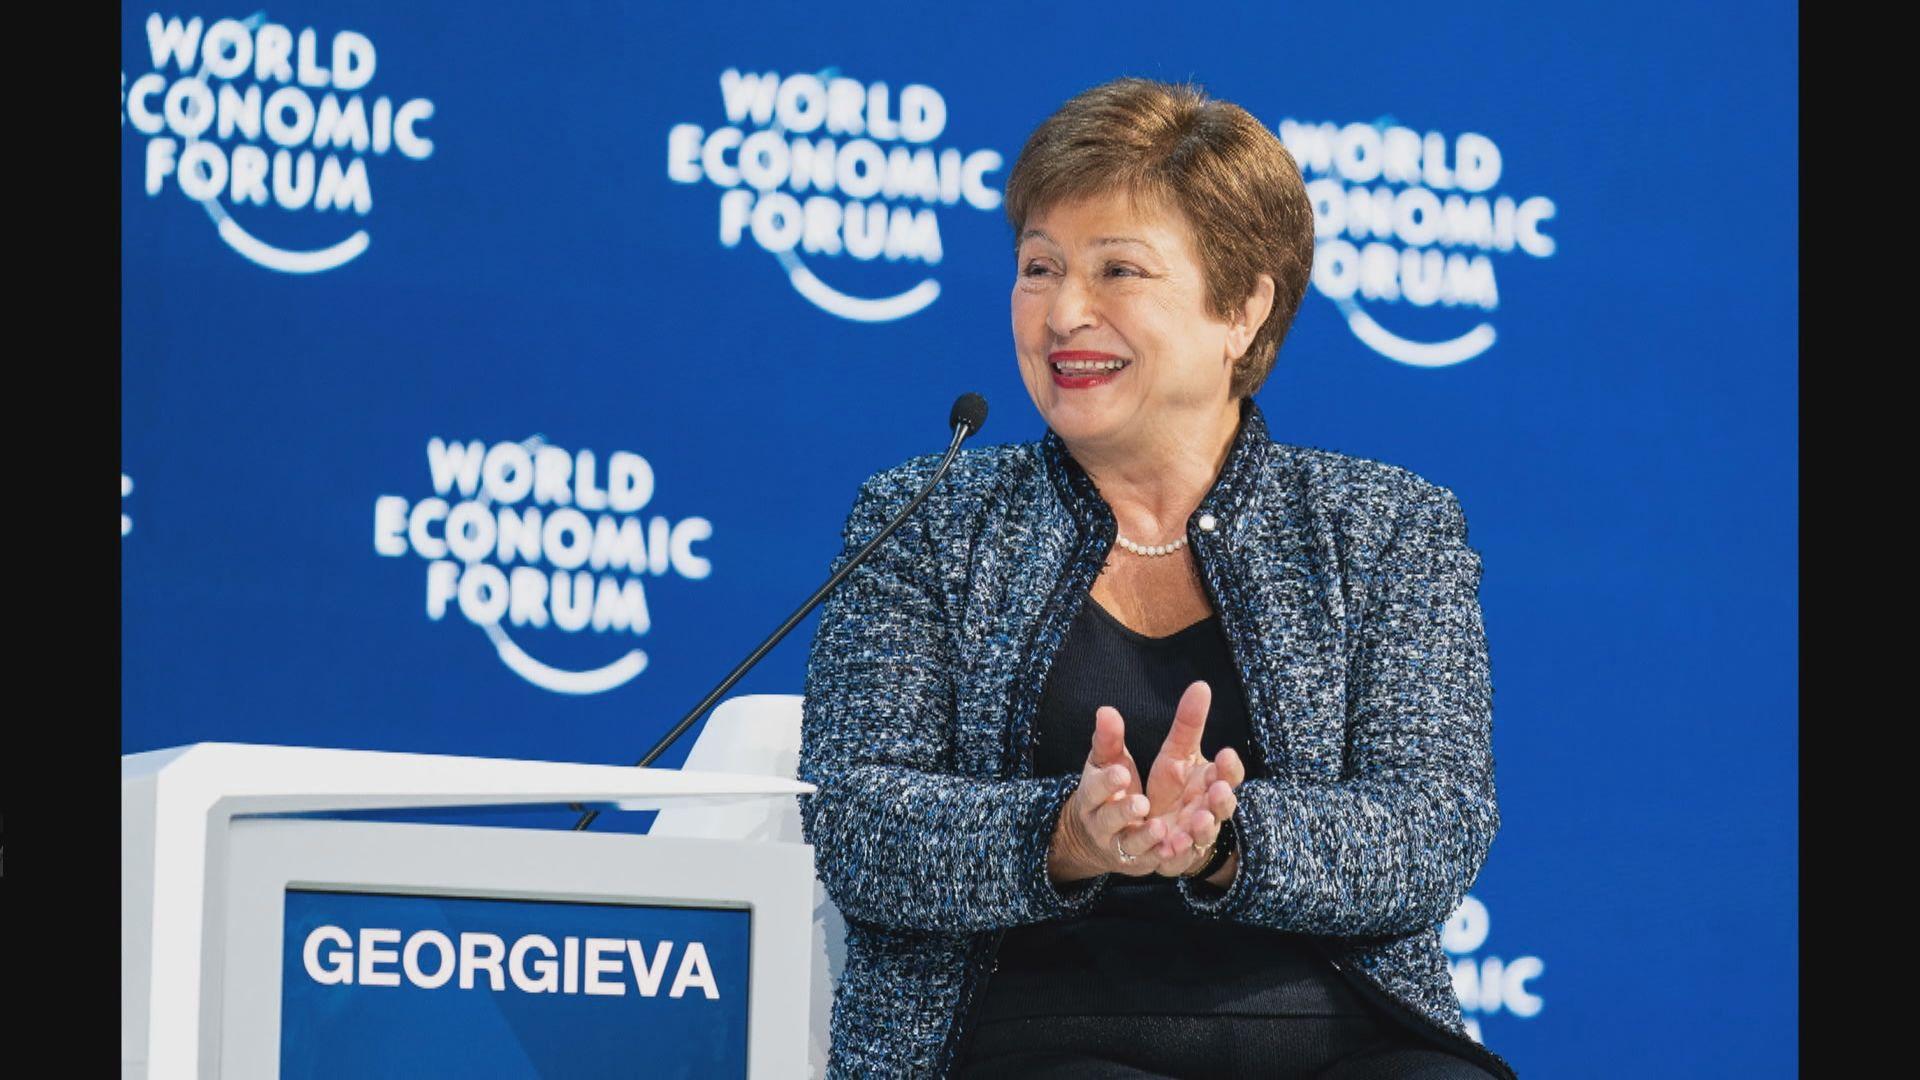 國基會總裁:全球經濟或需更長時間才全面復甦